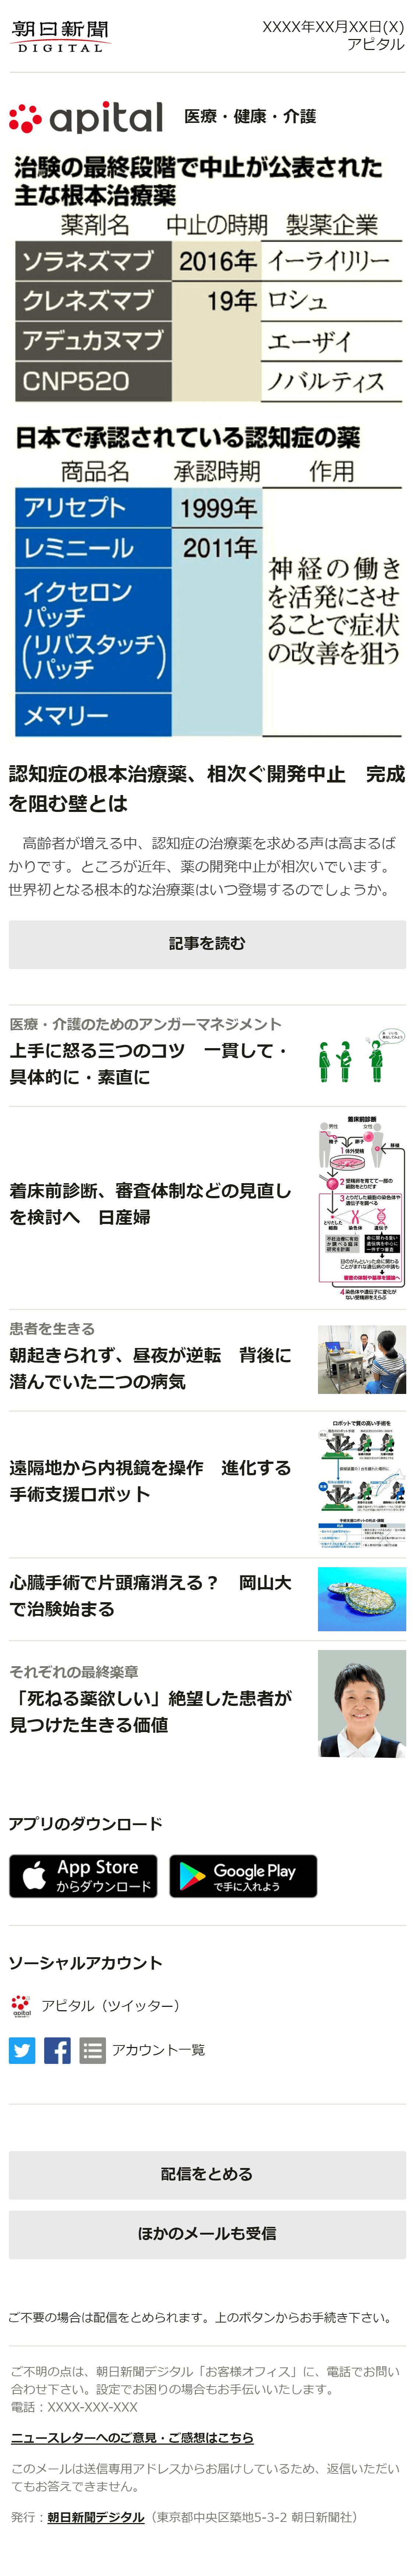 ニュースレター[アピタル]のサンプル